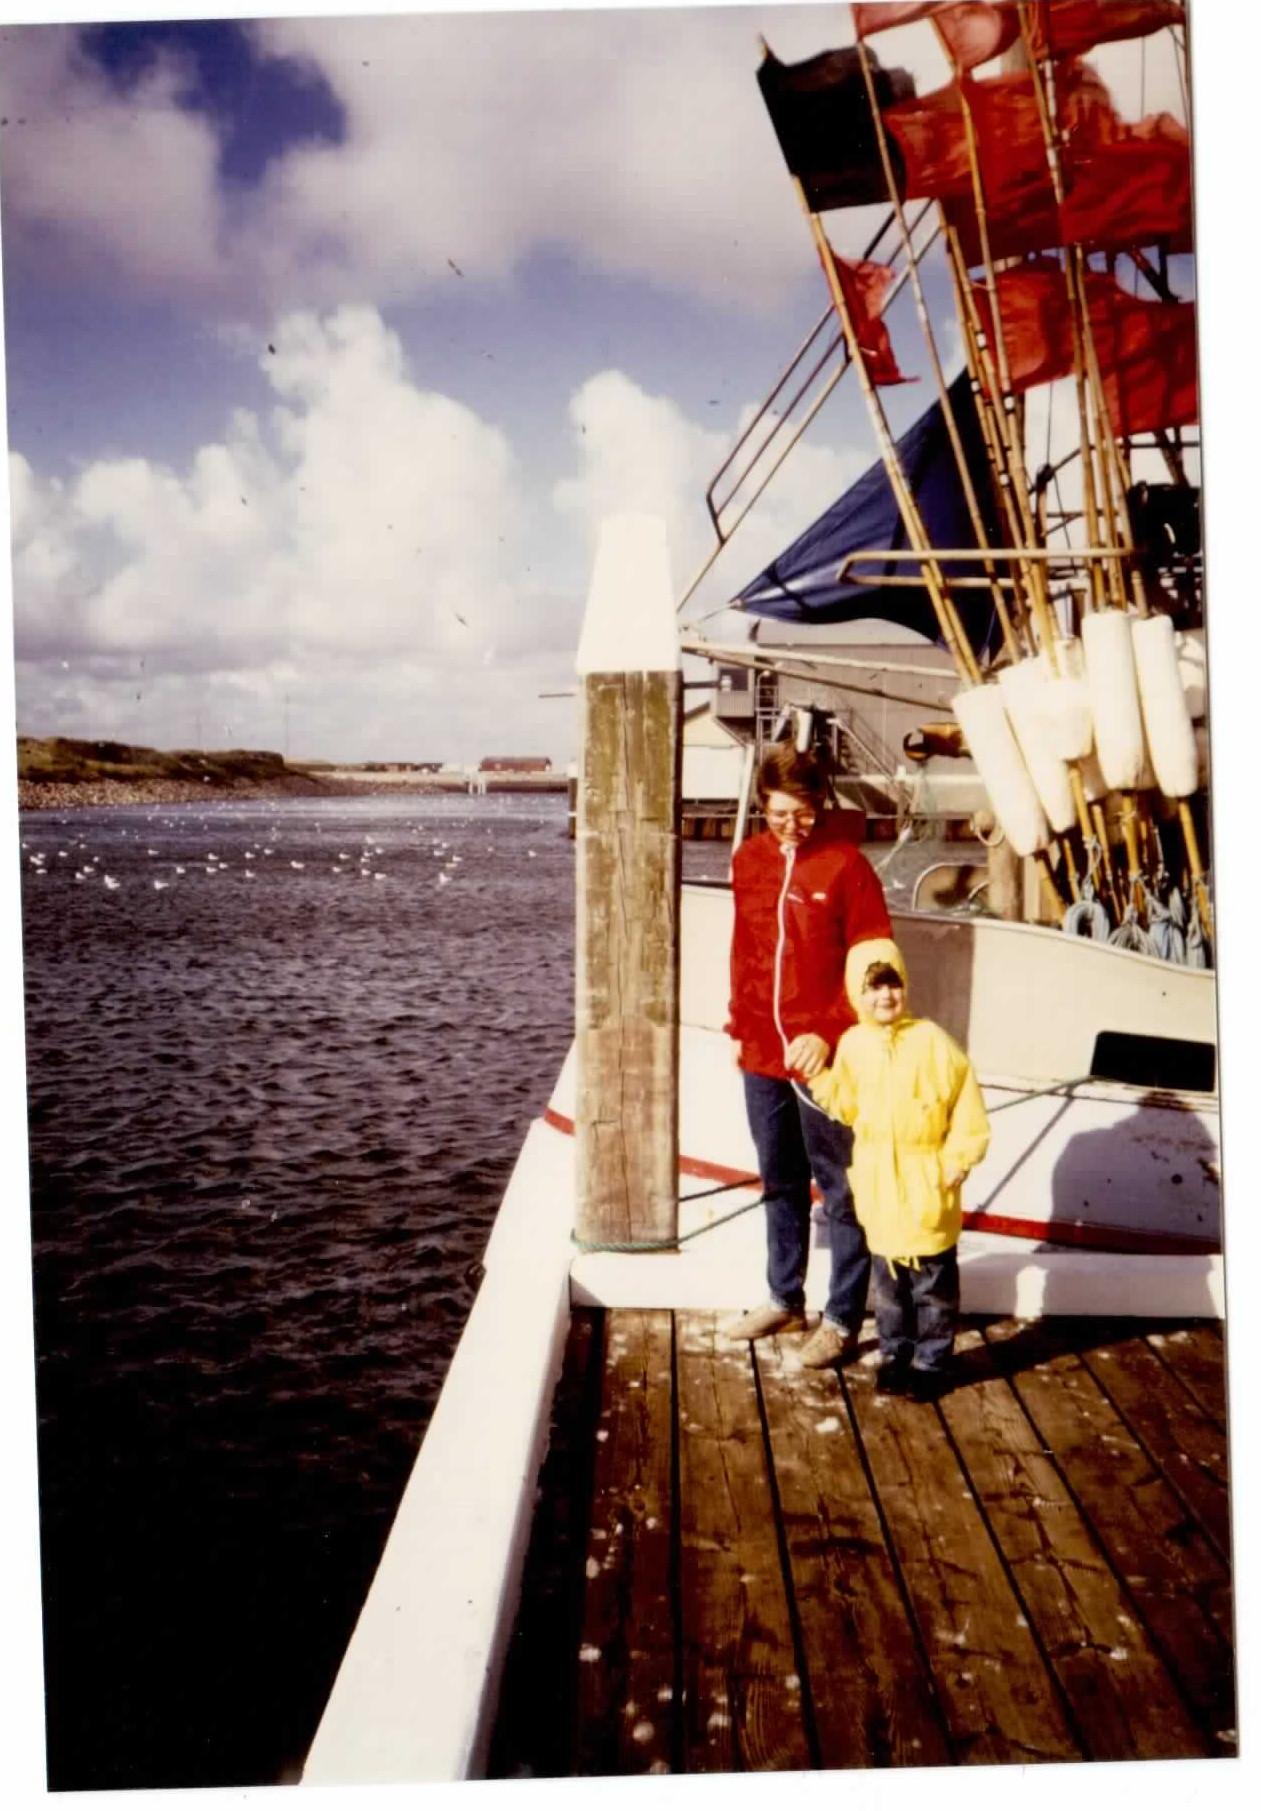 Dänemark-Urlaub in den 80ern.